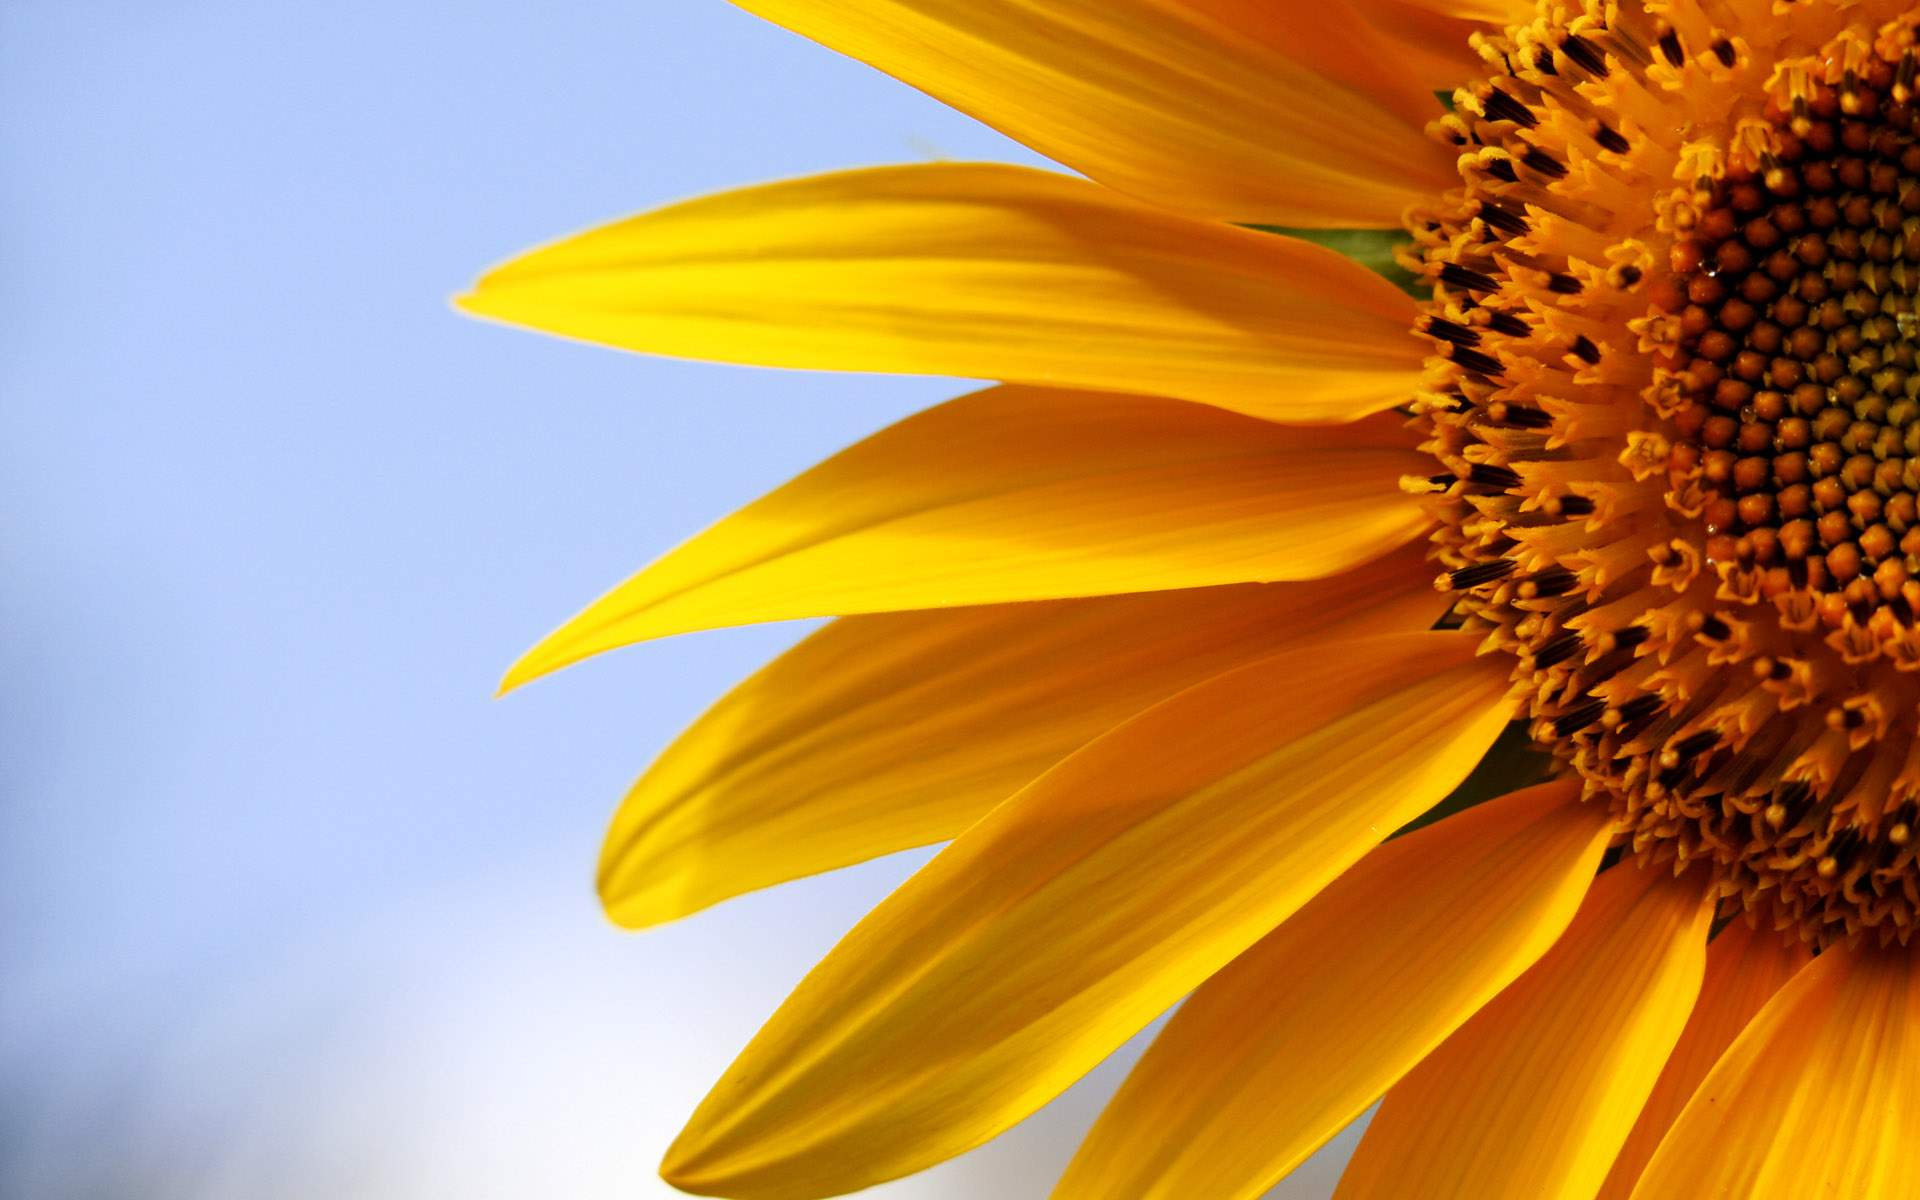 sunflowers 21578